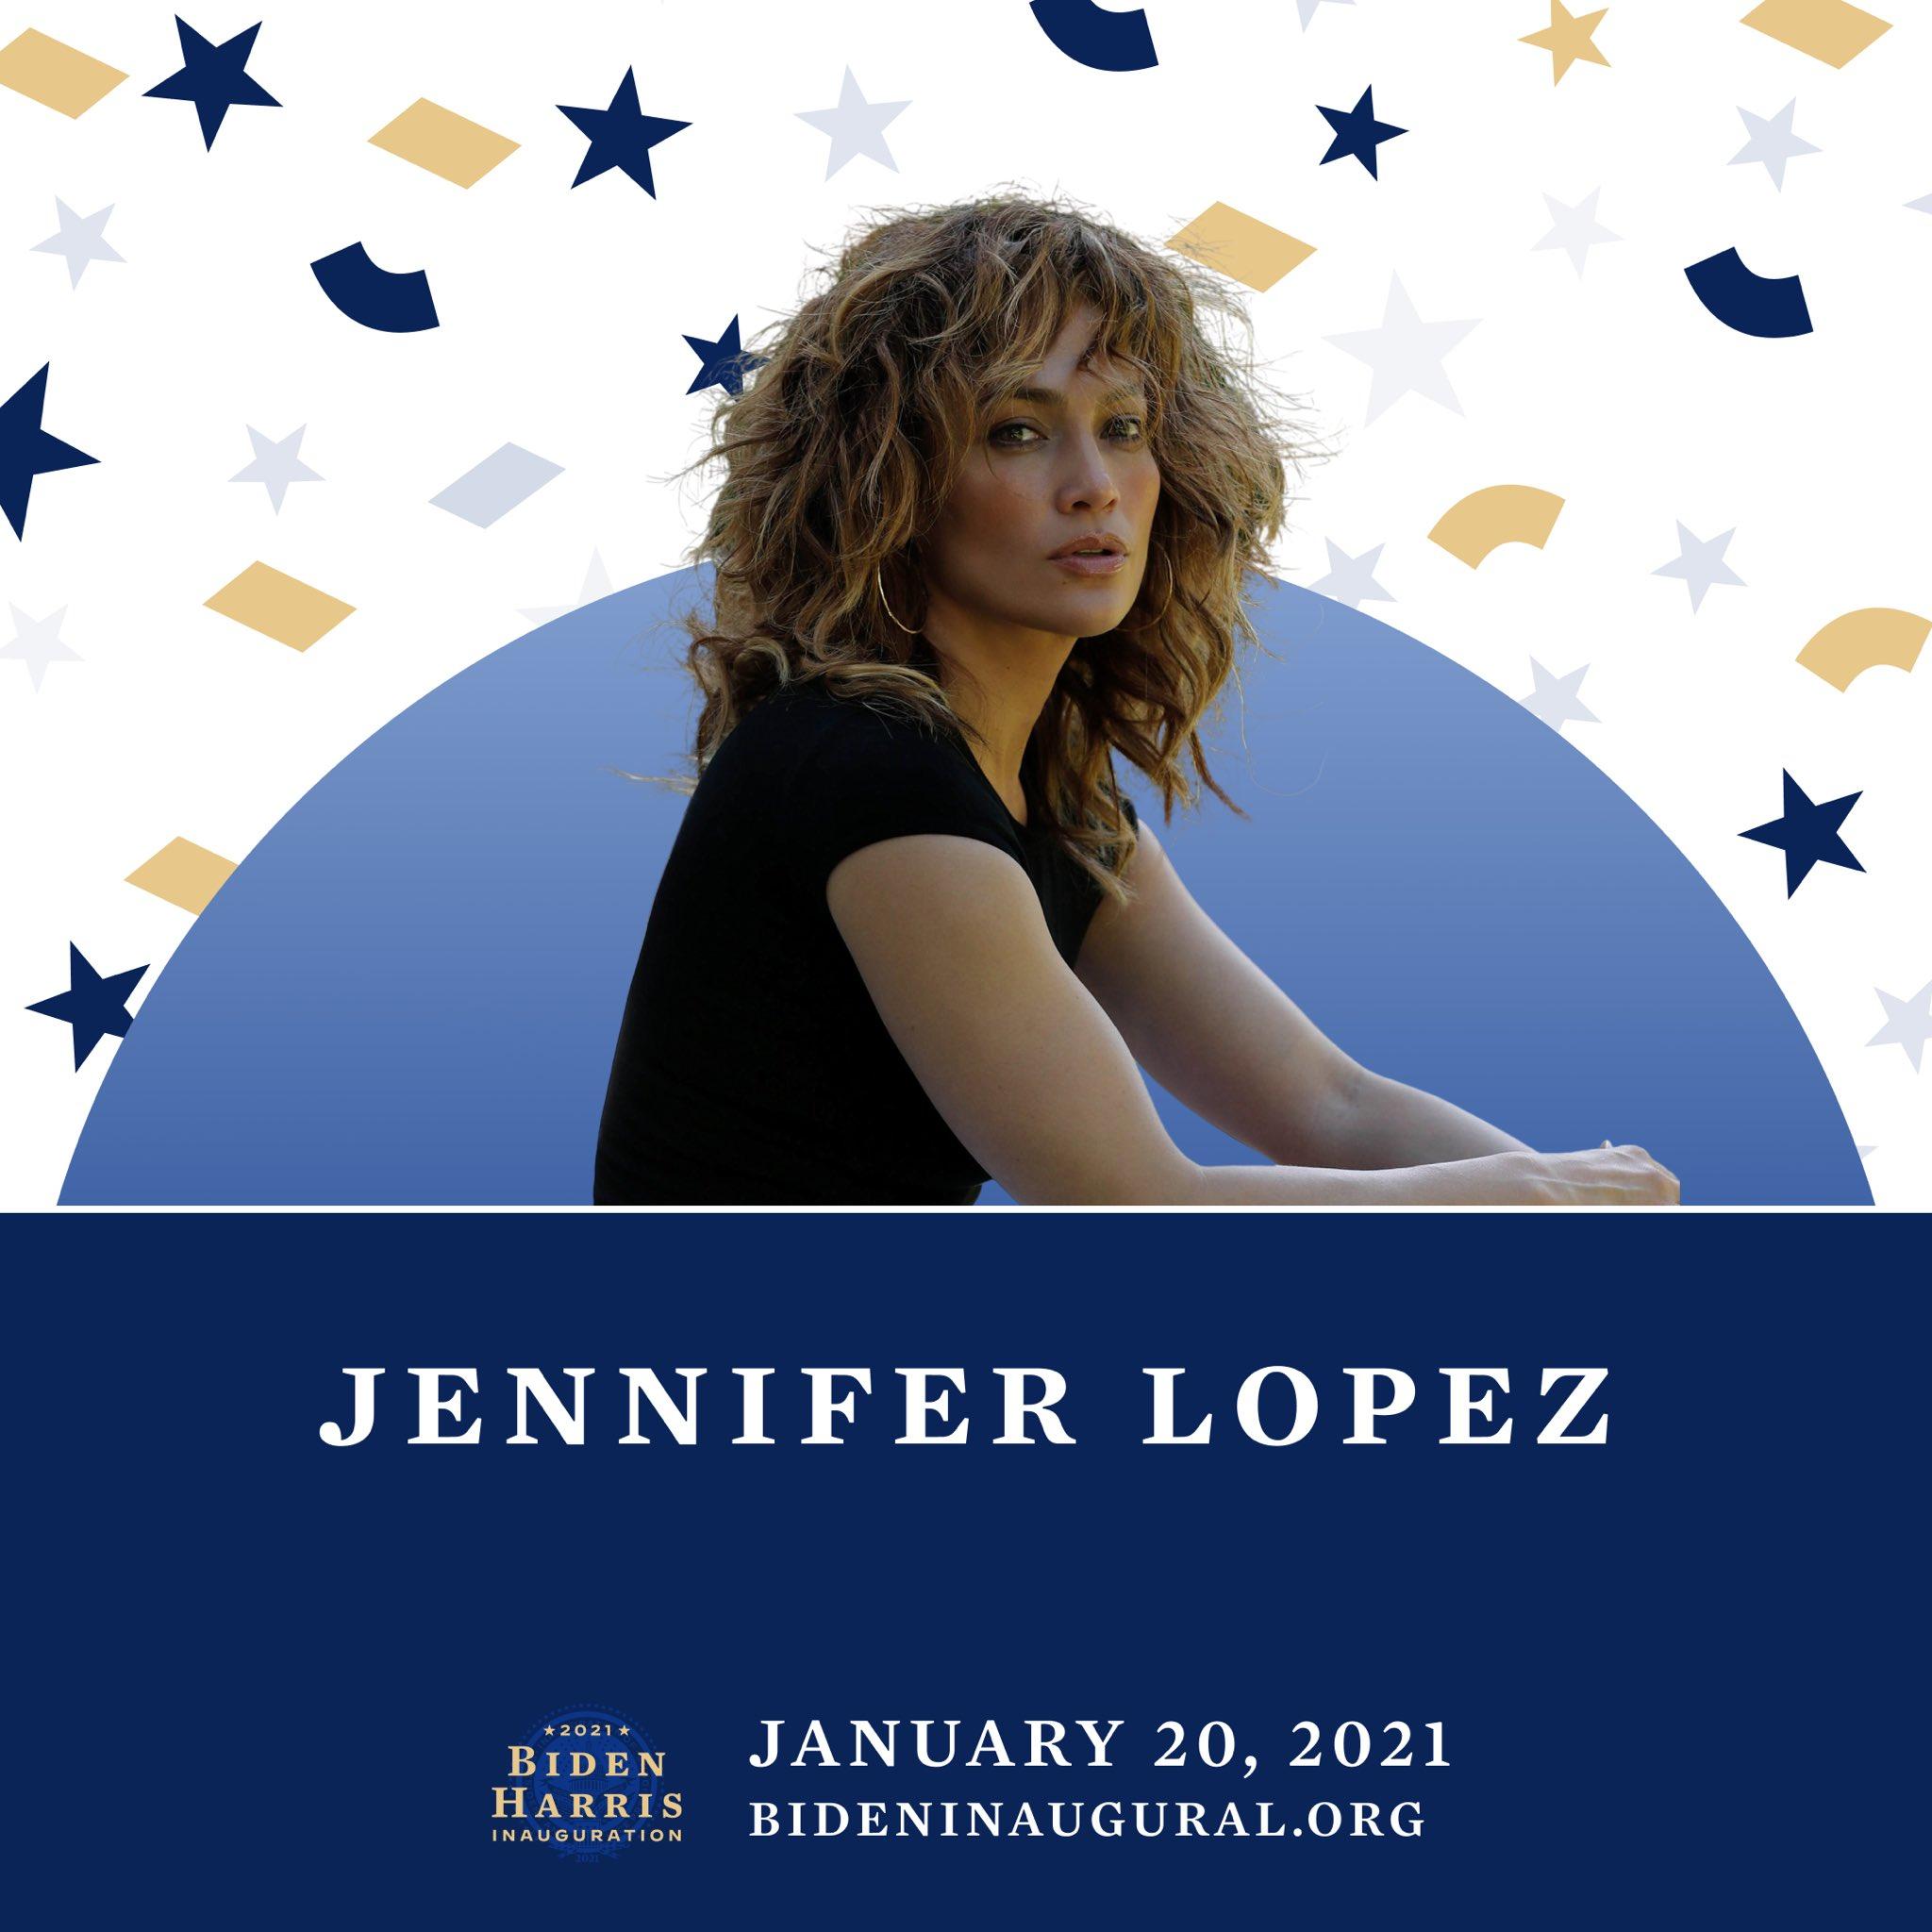 Jennifer Lopez - Σελίδα 5 ErsRasbUcAQgos-?format=jpg&name=large